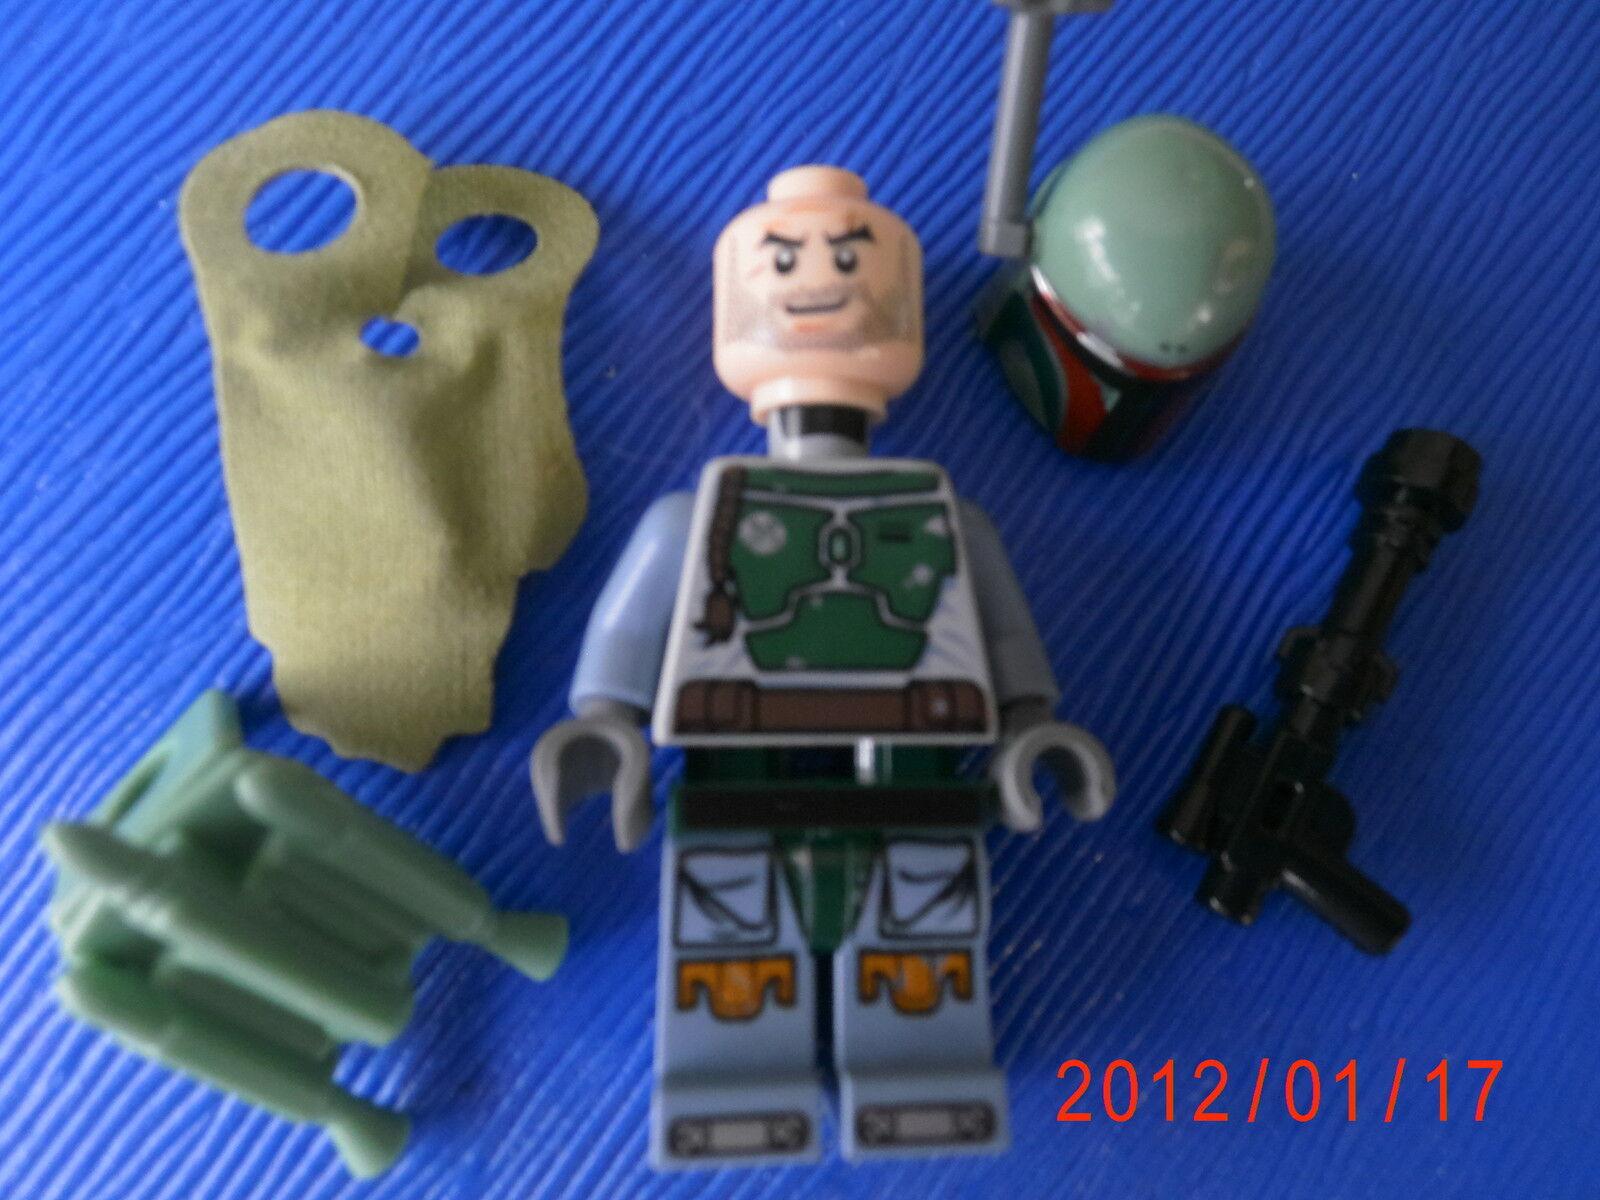 Lego Star Wars Figurine - Boba Fett - 9496 (831)